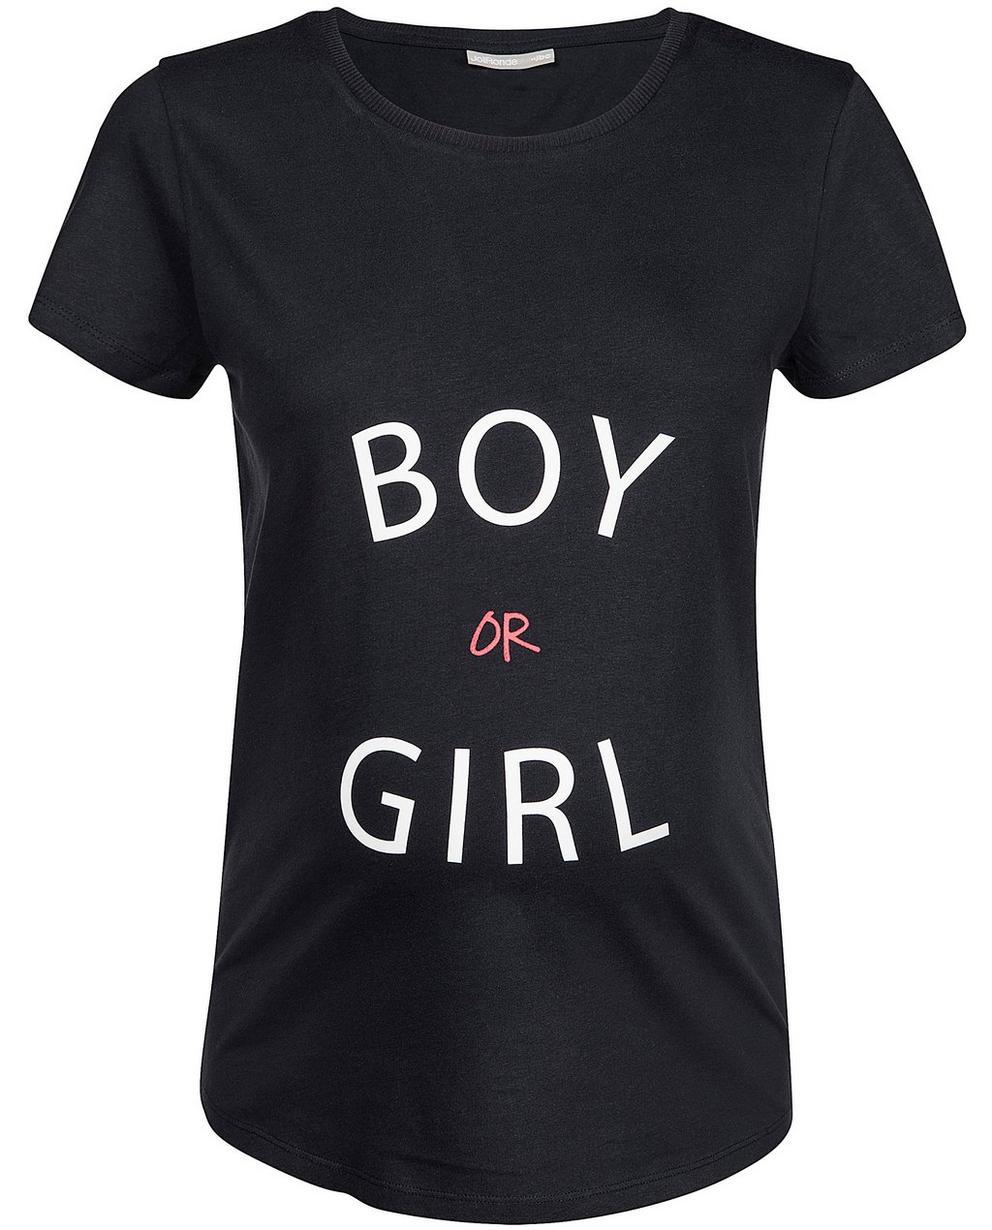 T-Shirts - Navy - T-Shirt mit Aufschrift